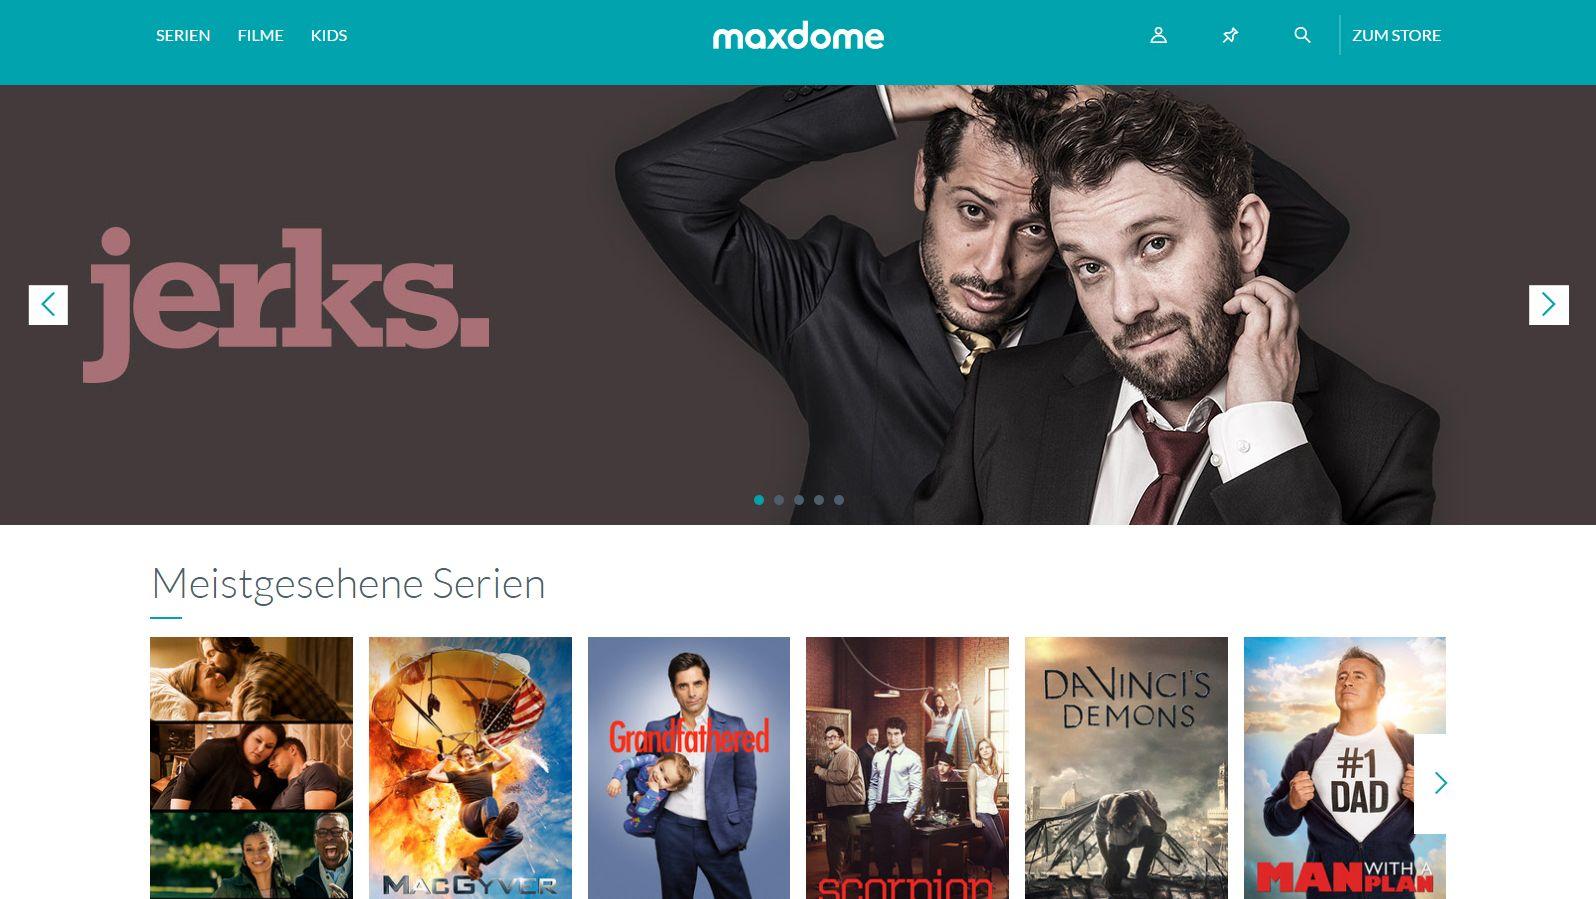 Maxdome Neue Serien